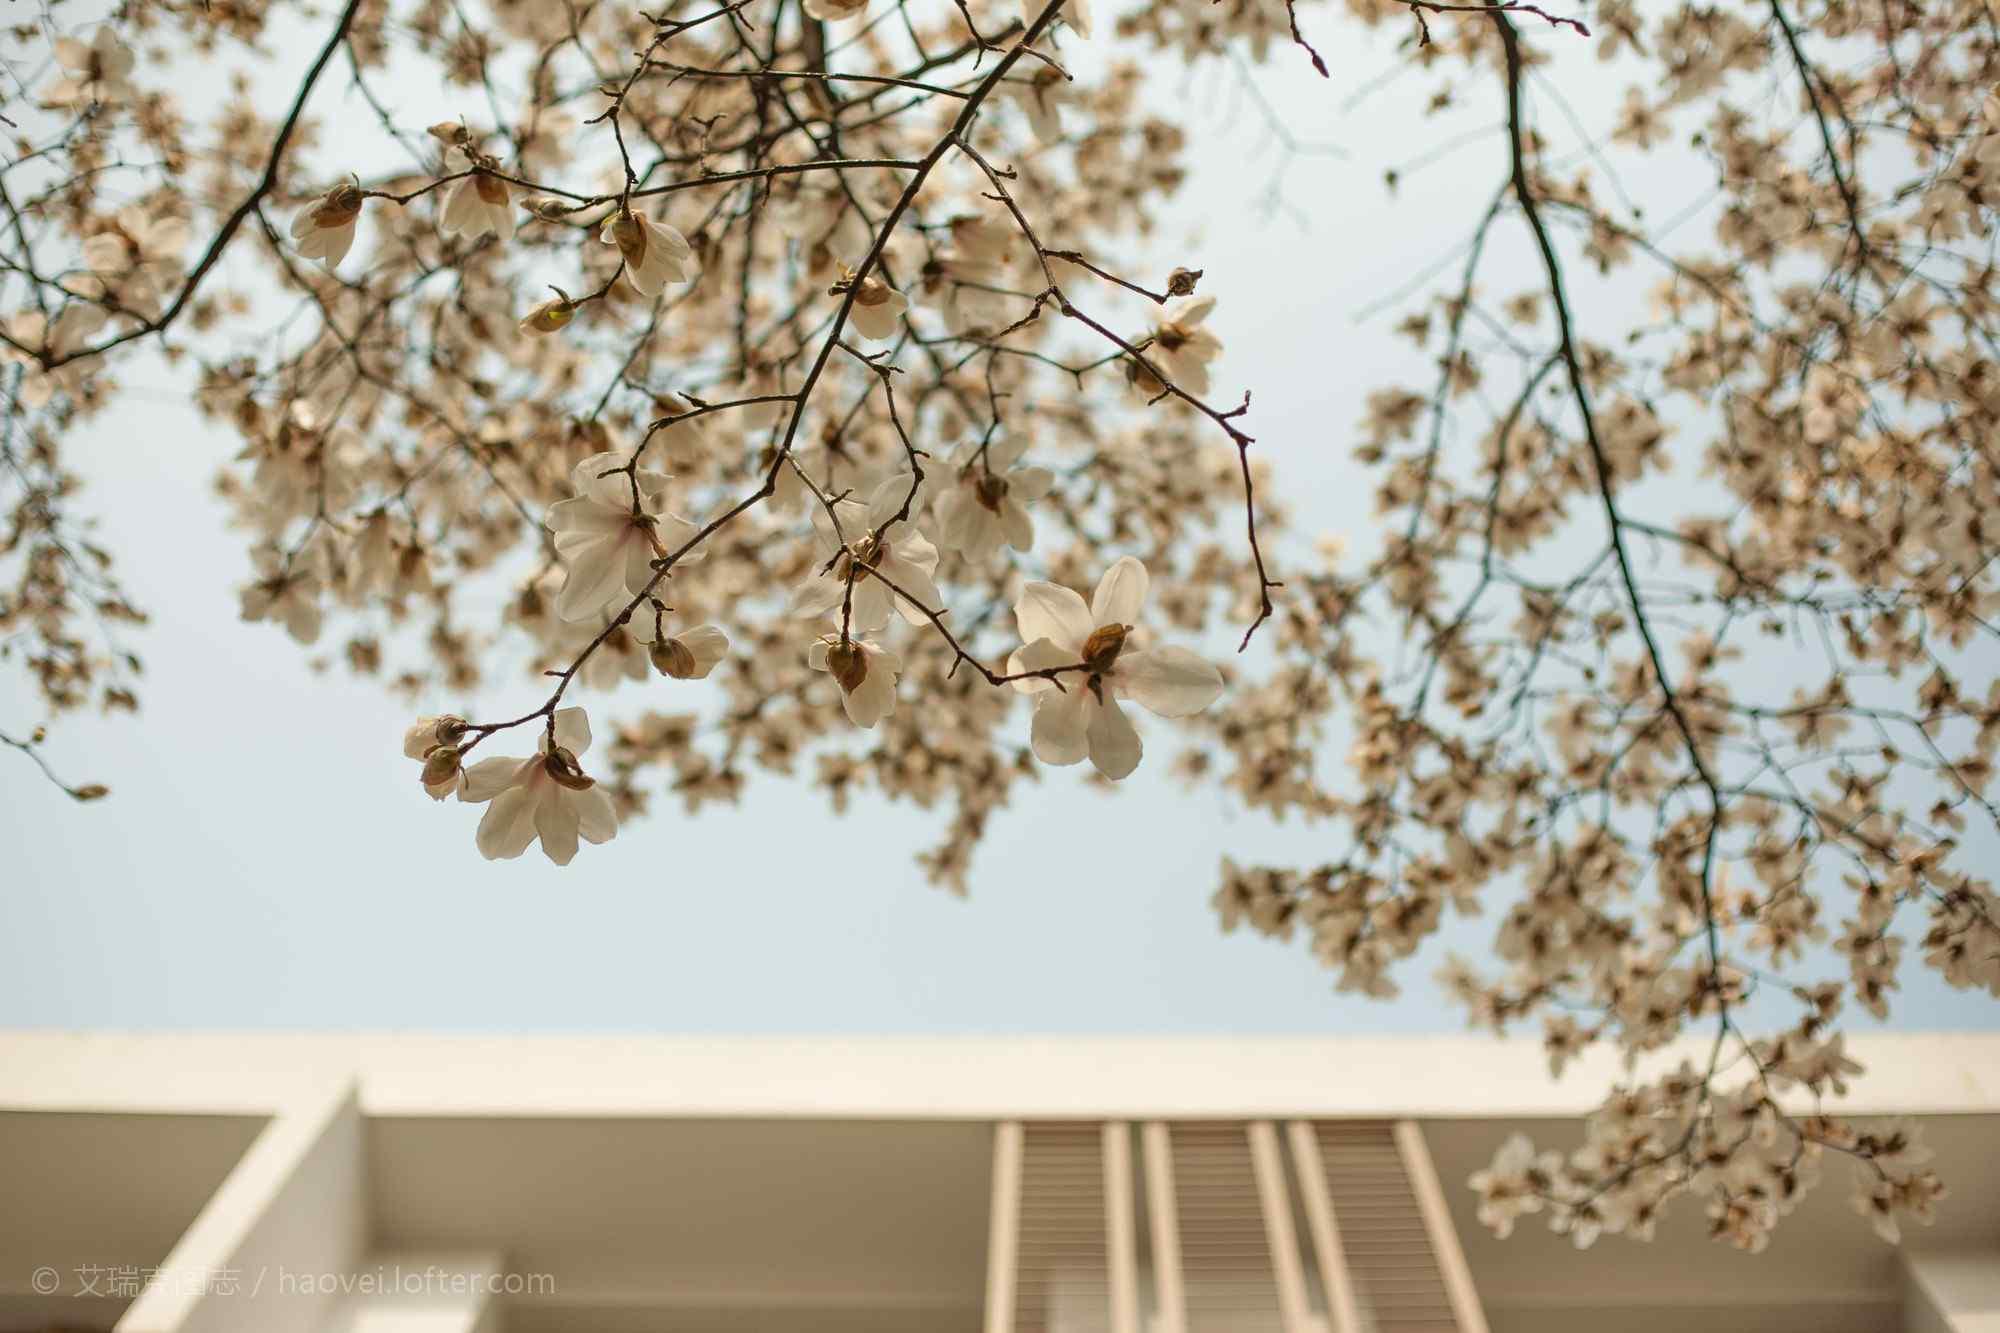 繁盛的玉兰花树壁纸(4张)